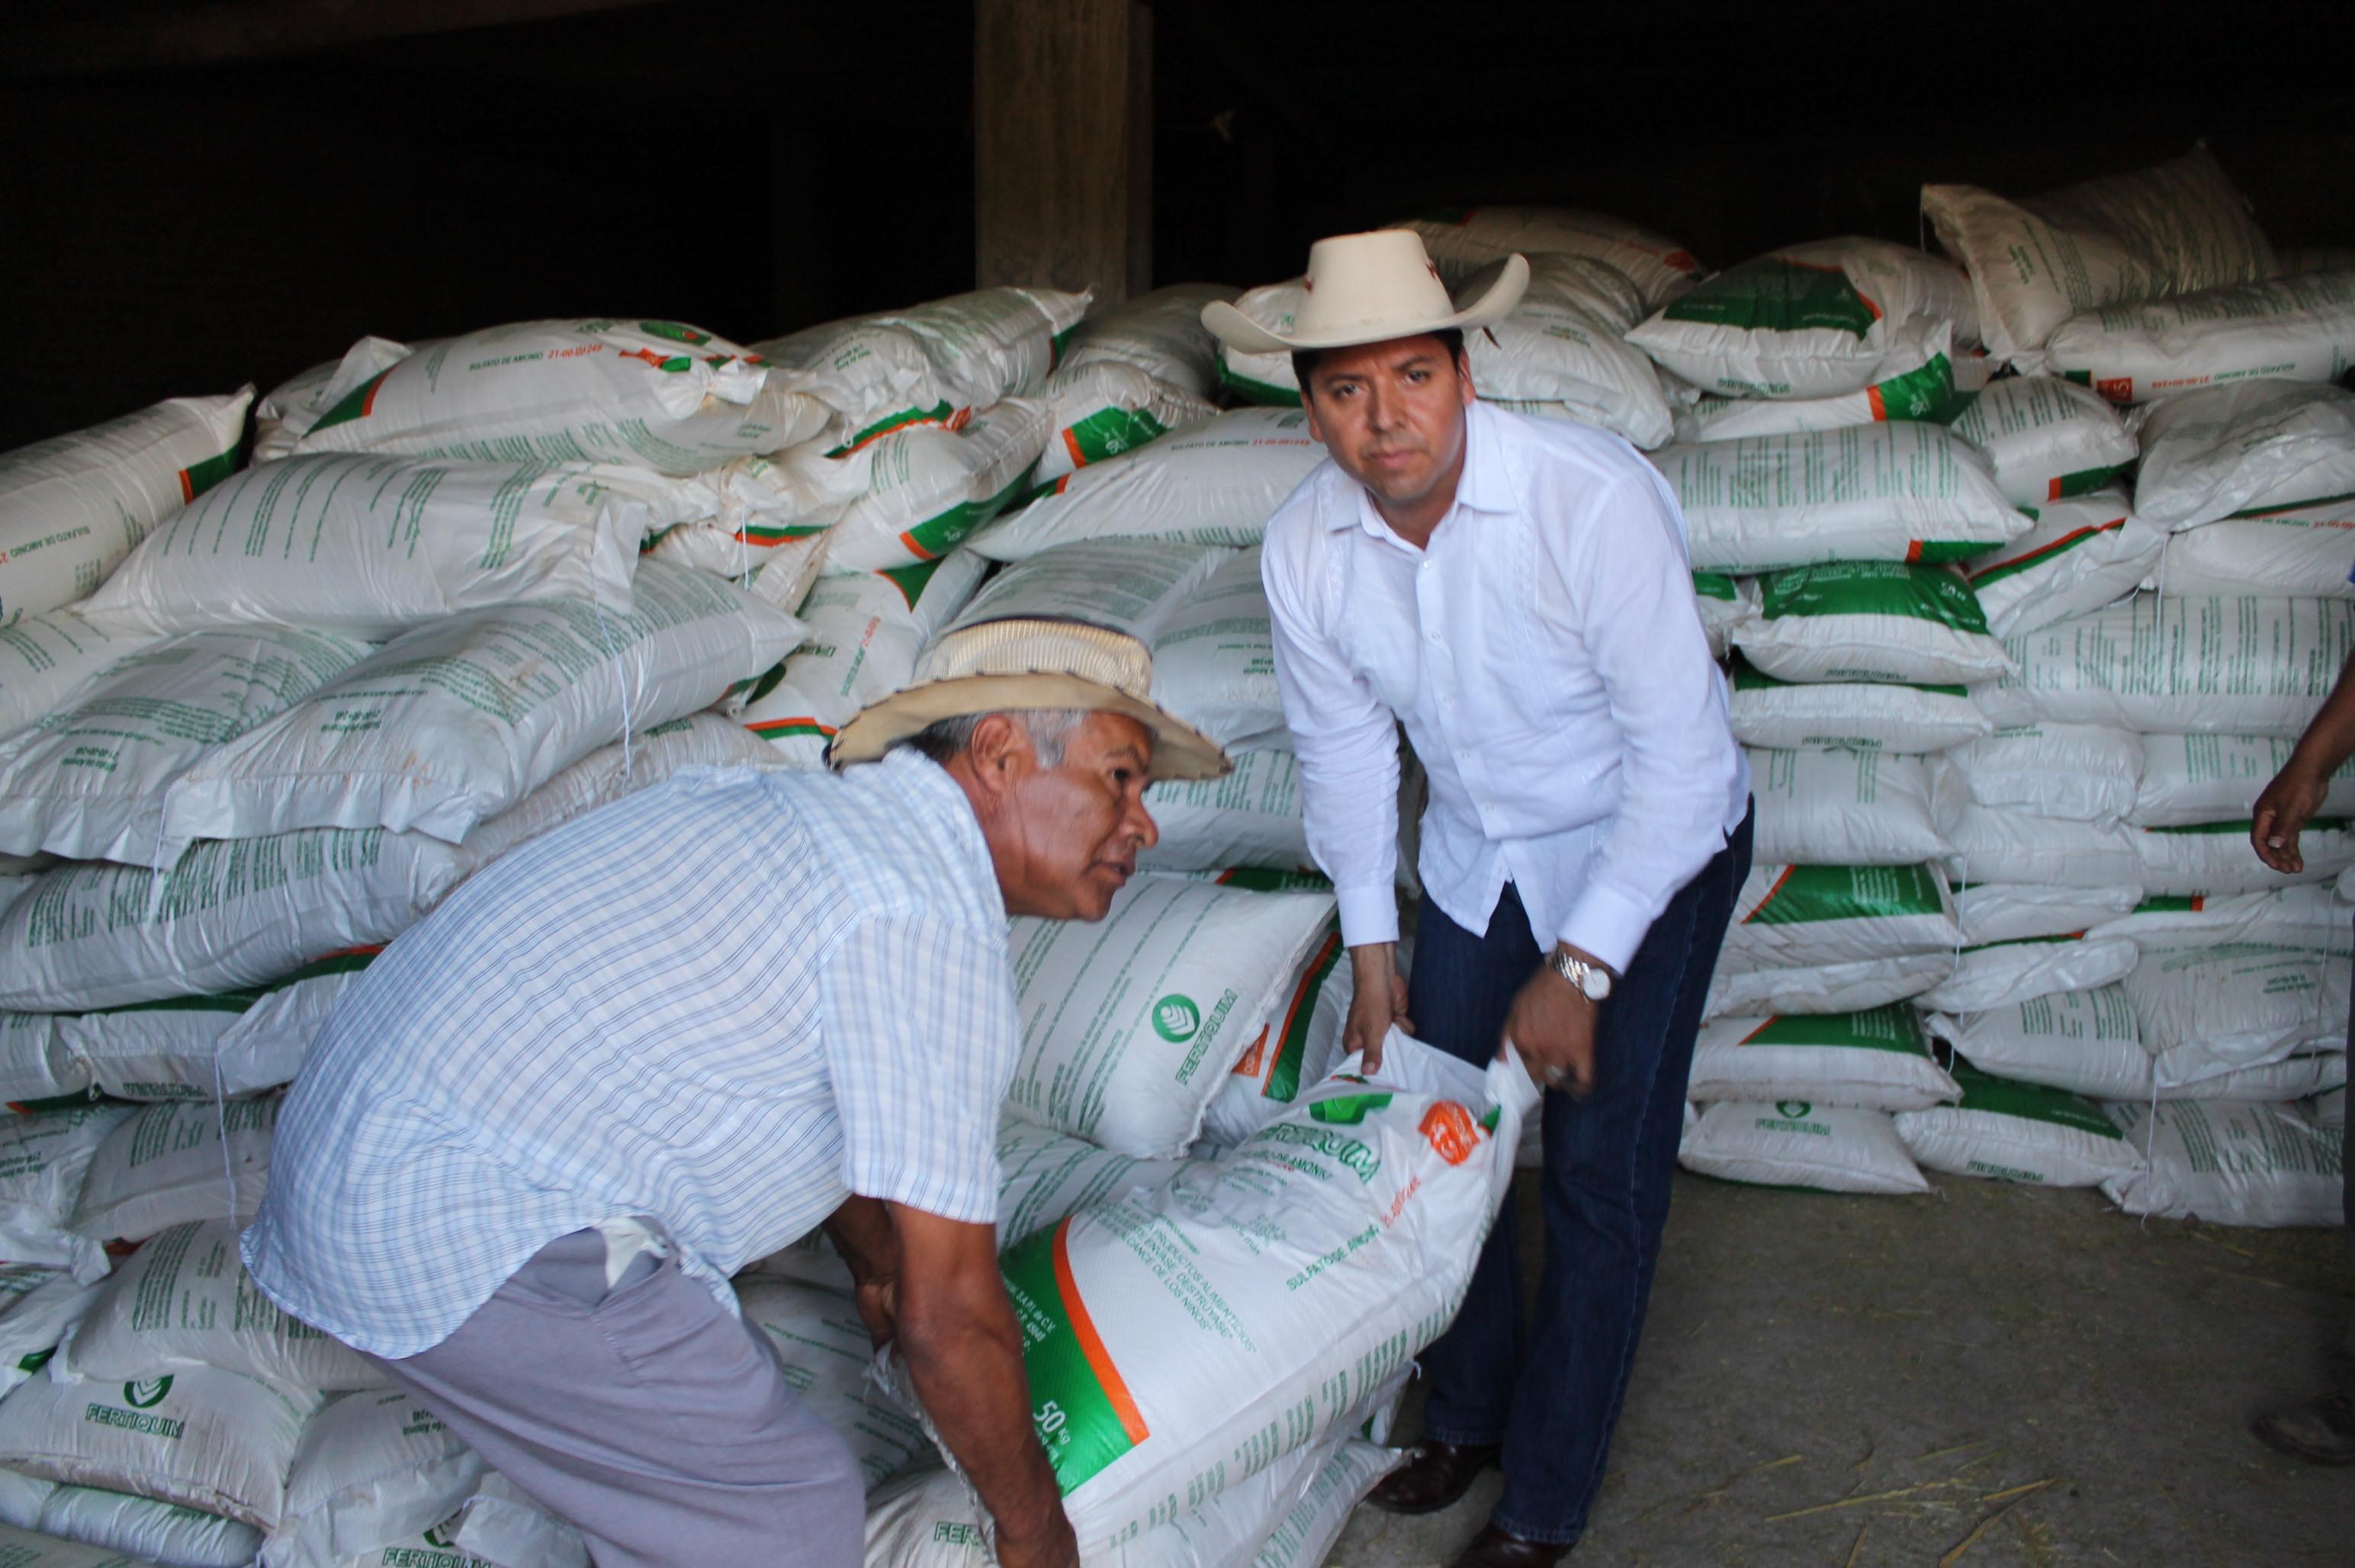 Durante una entrega de apoyos, aseguró el diputado federal del PRD que los agricultores están abandonados y requieren semillas mejoradas y fertilizantes para reactivar sus tierras